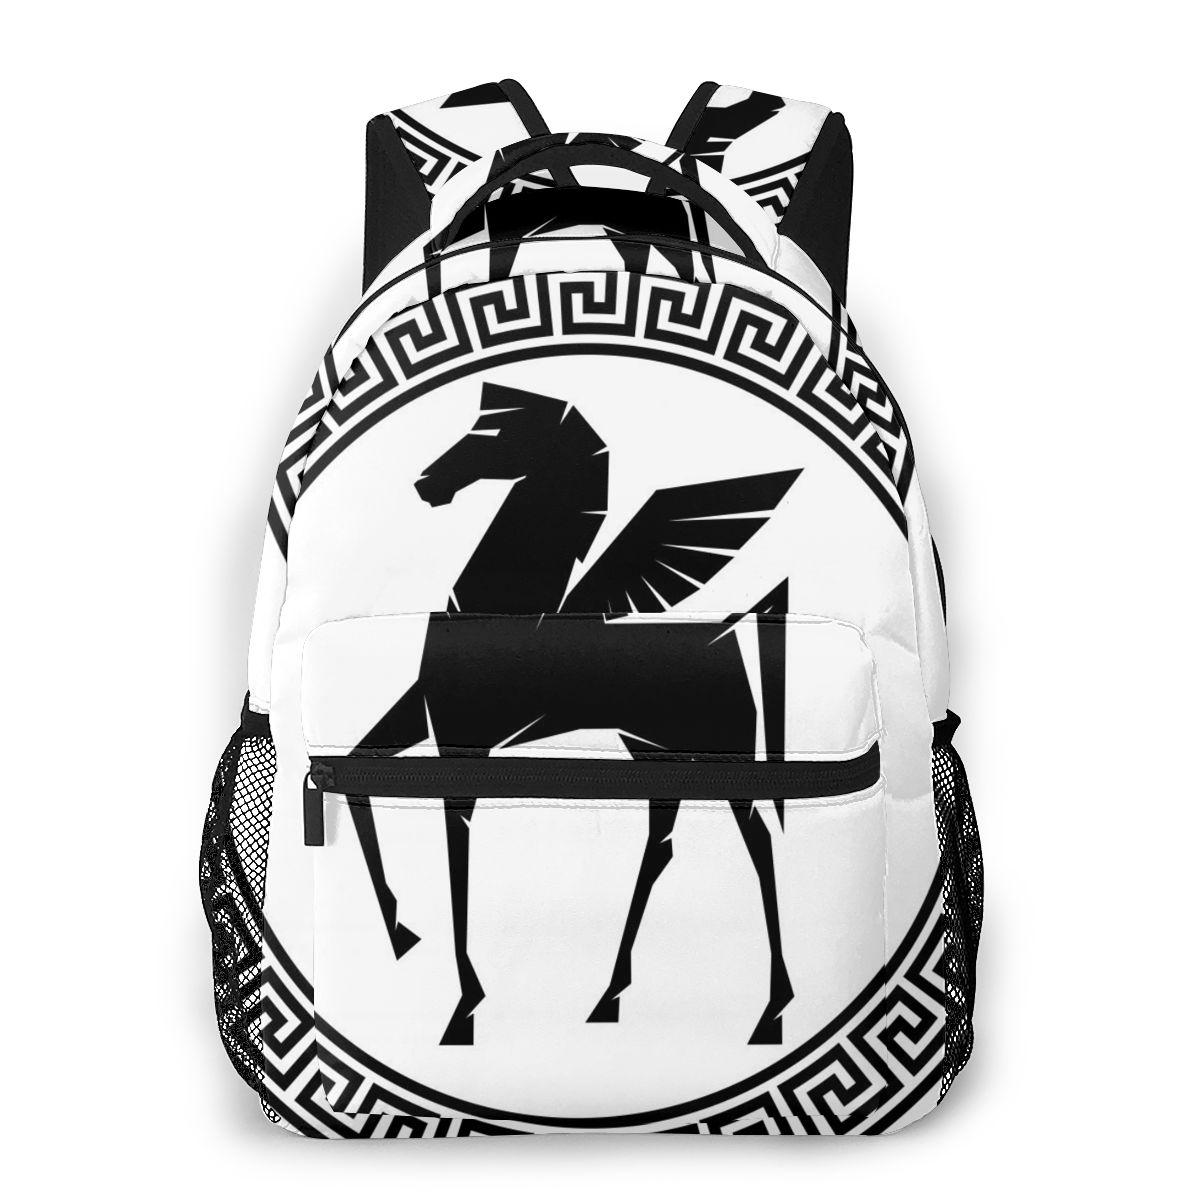 Рюкзак для путешествий Pegasus, Спортивная уличная сумка с рамкой для греческих ключей, летающая Черная лошадь